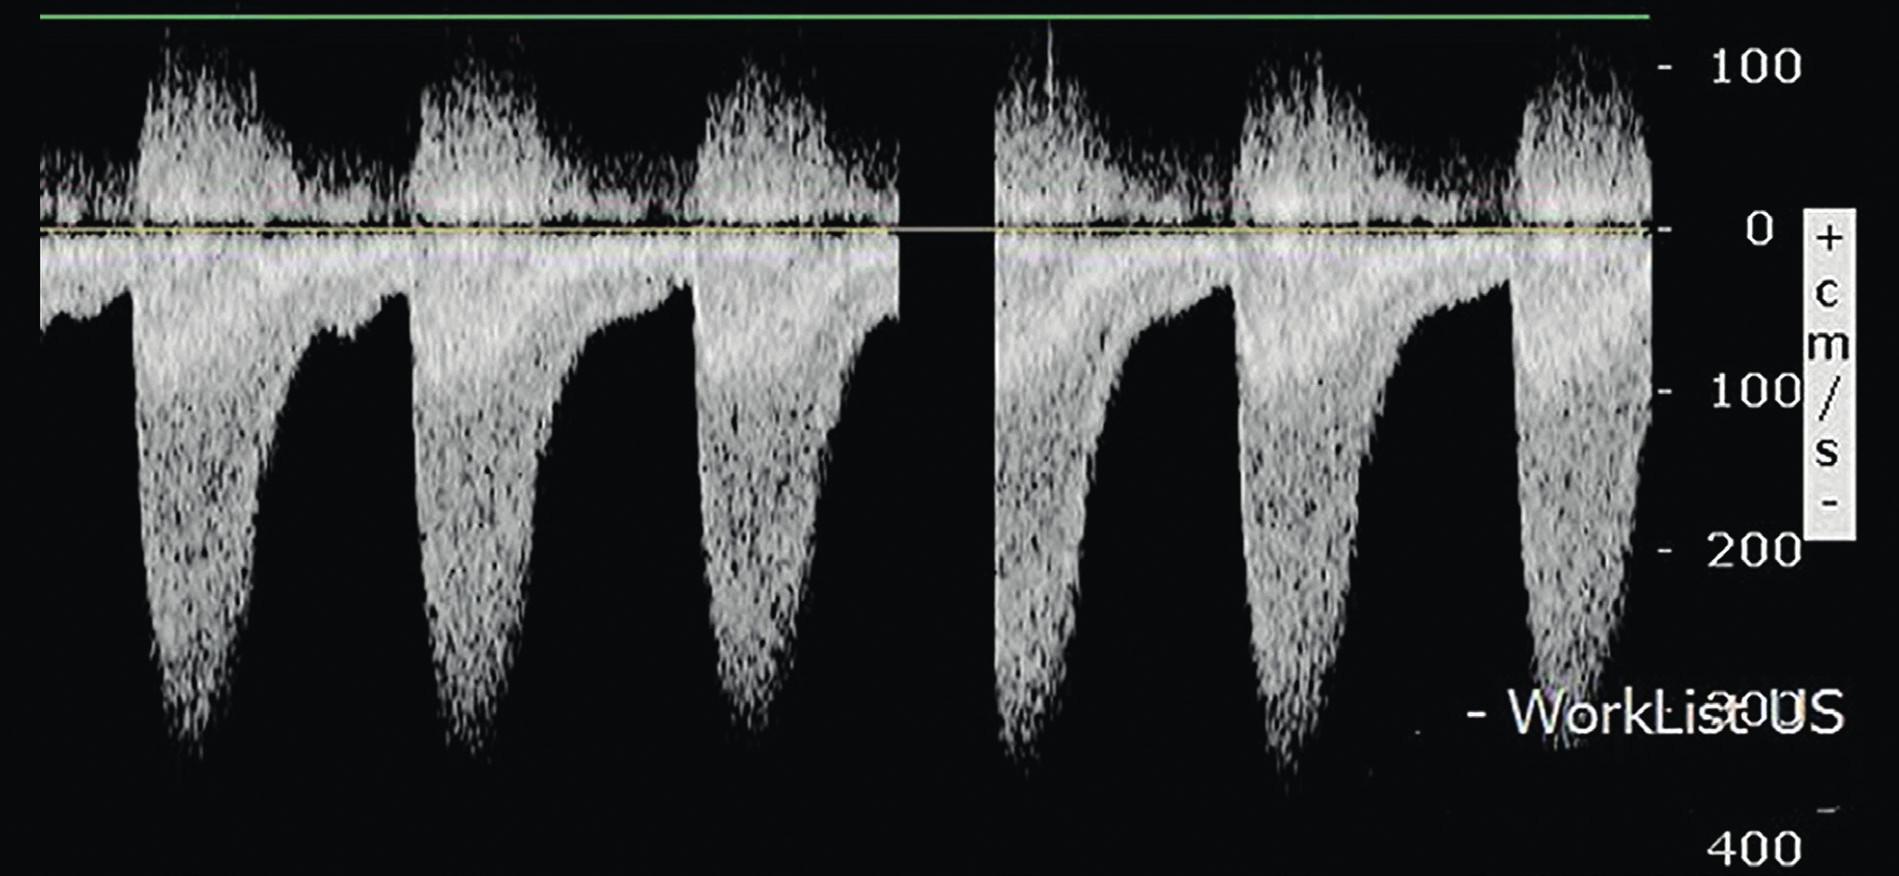 """Typický pilovitý tok v místě koarktace aorty při pulzním dopplerovském vyšetření s naznačeným """"diastolickým tailem"""" (archiv autorů).<br> Fig. 4. Typical sawtooth pattern with continuous flow wave Doppler interrogation in coarctation of the aorta with """"diastolic tail""""(authors archive)."""